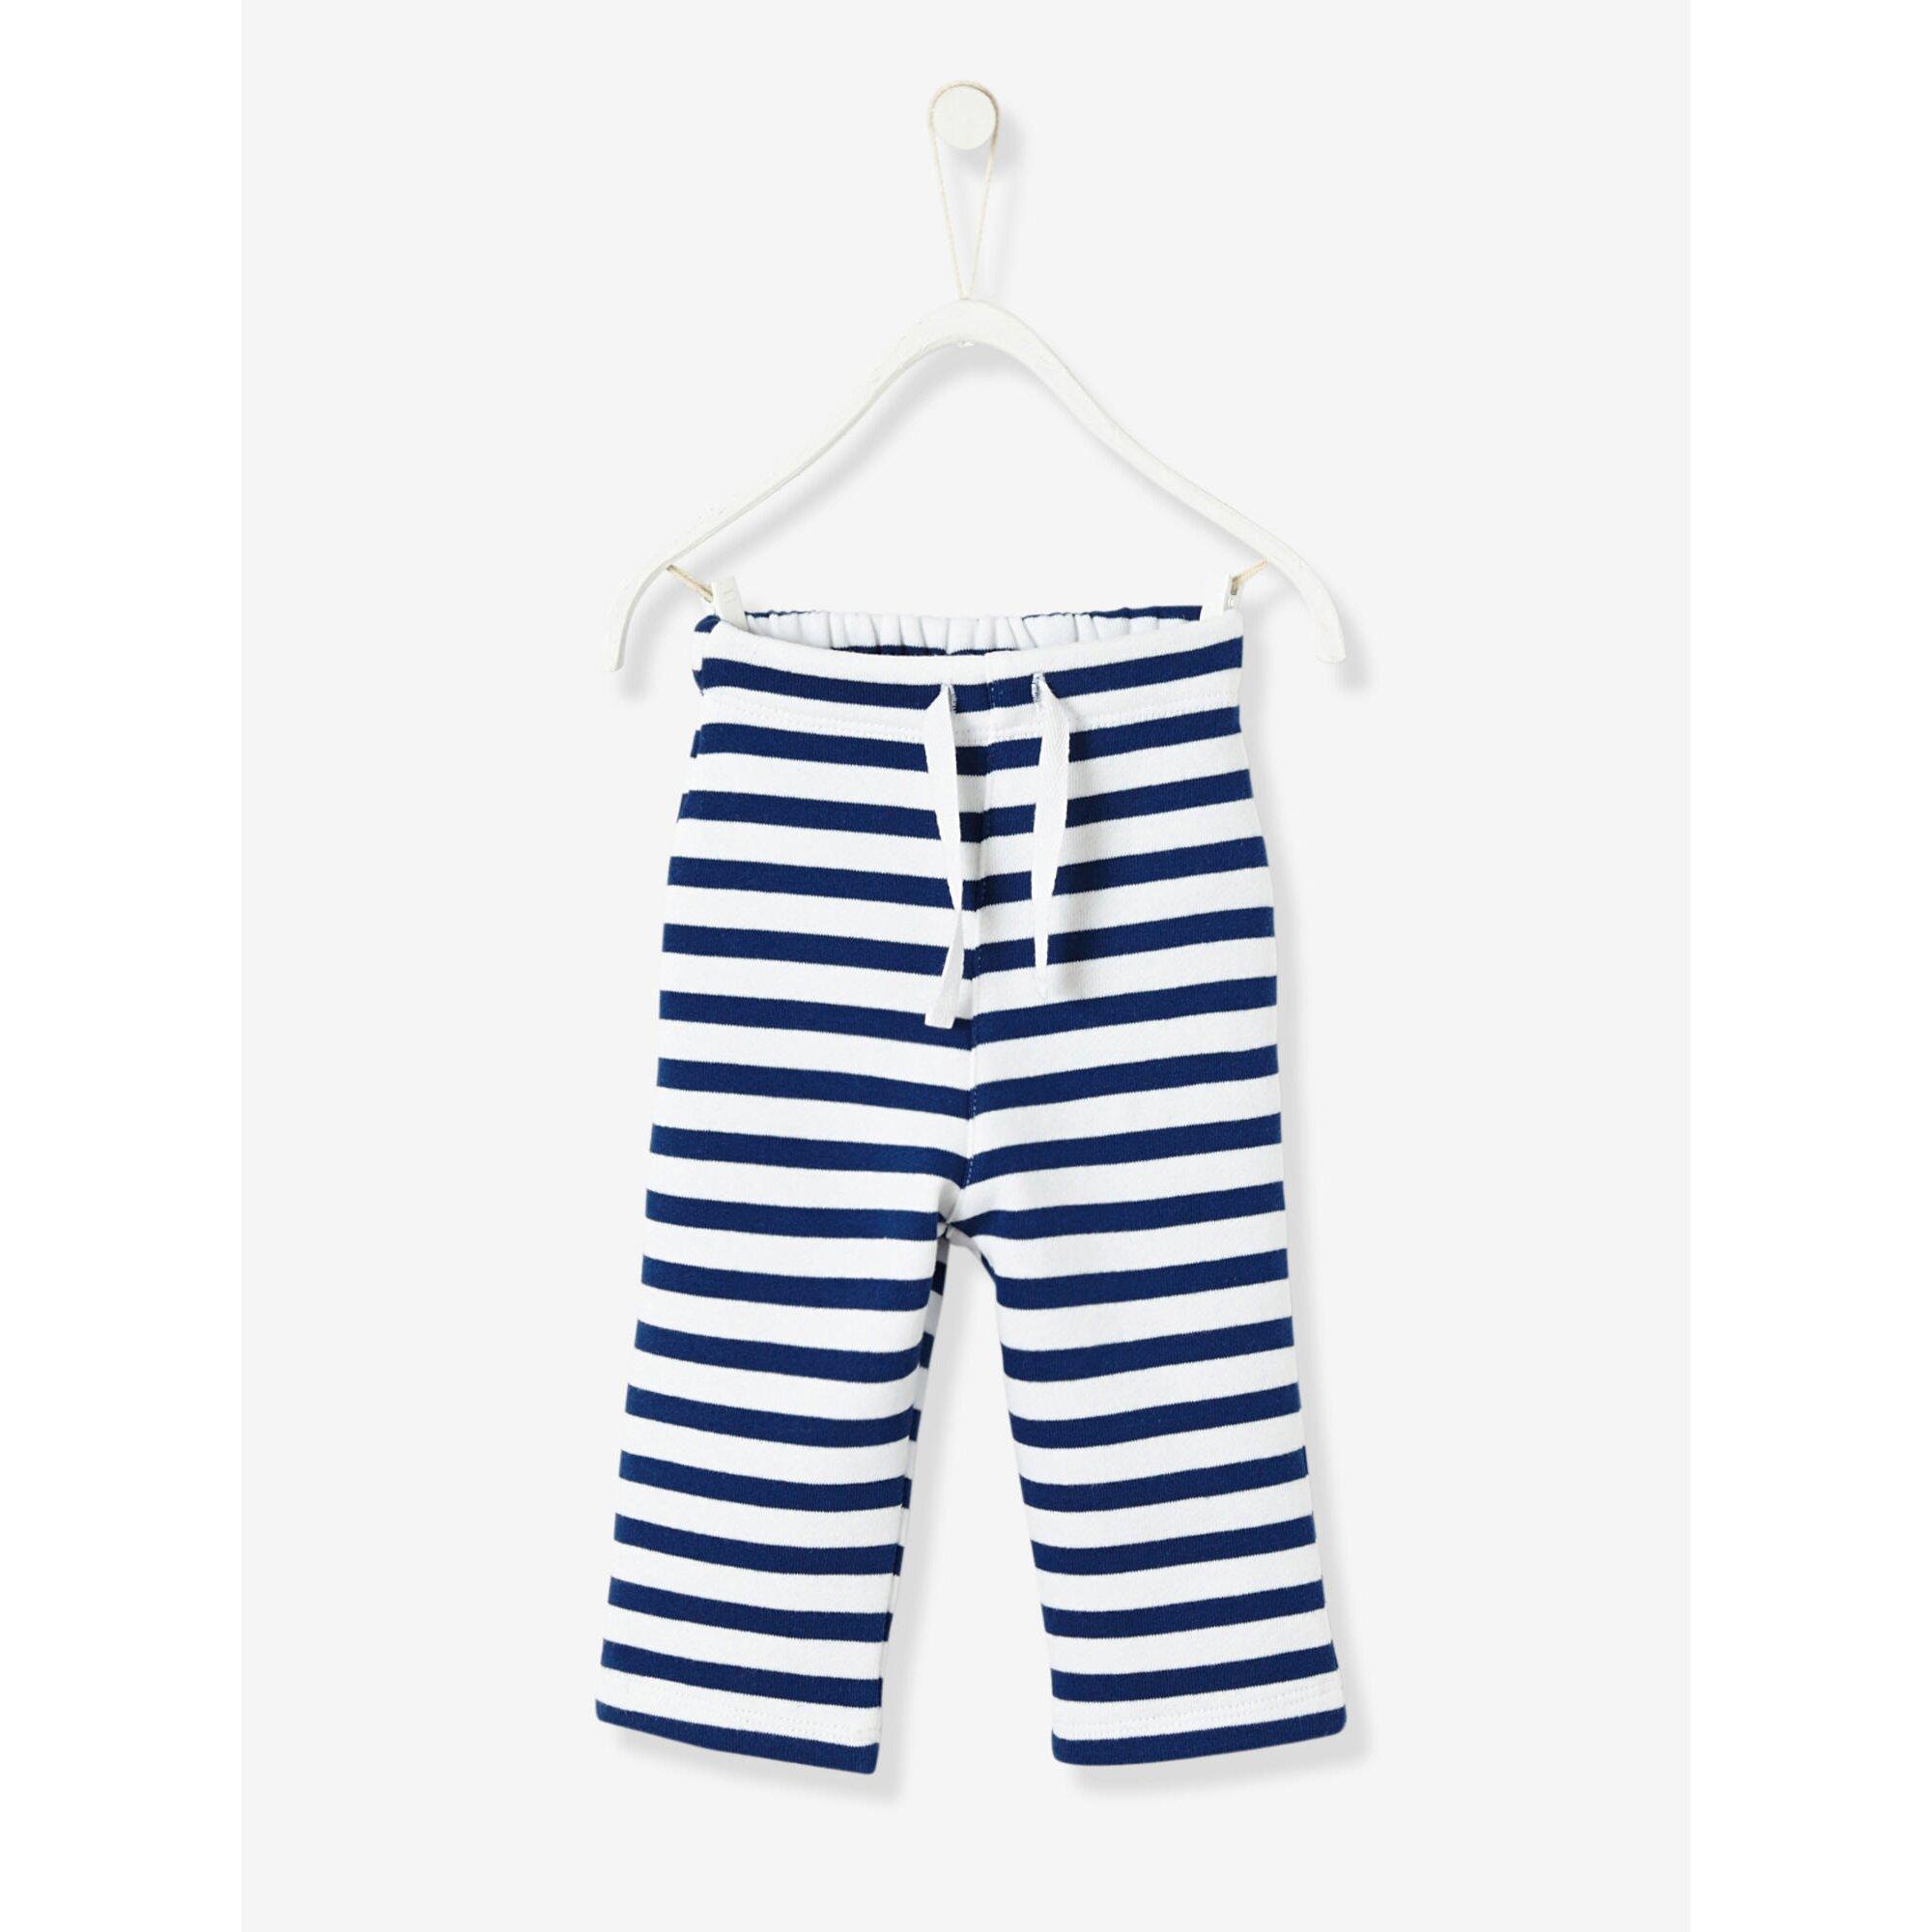 vertbaudet-babyset-aus-shirt-mutze-und-sweathose, 25.99 EUR @ babywalz-de